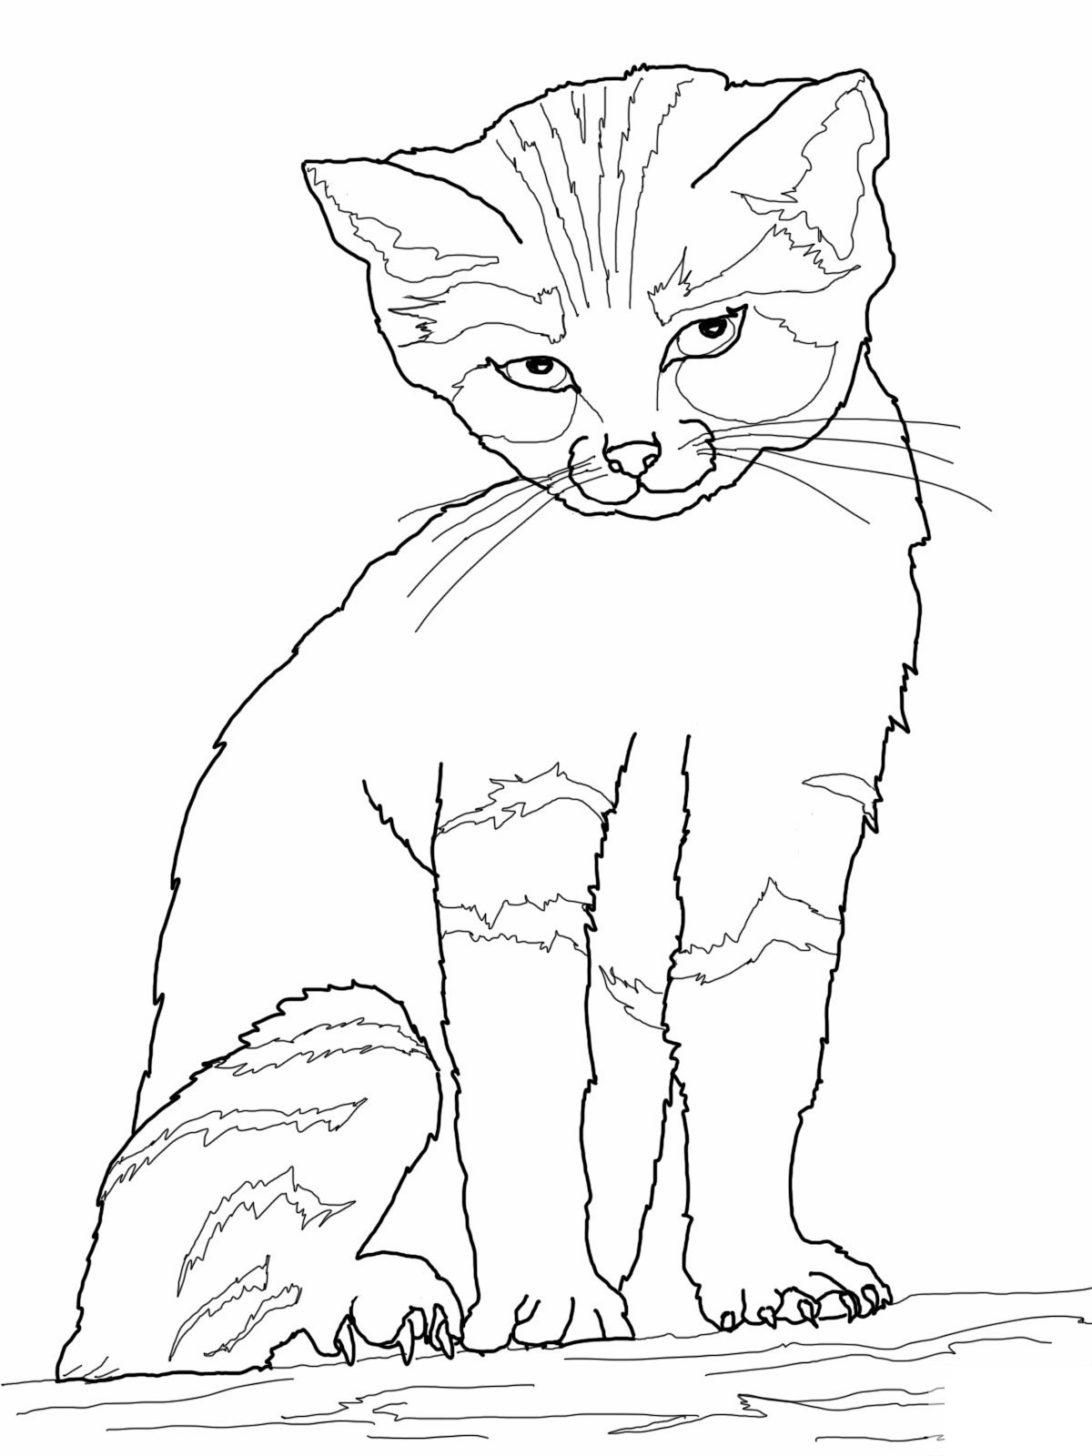 Tranh tô màu chú mèo cực đẹp